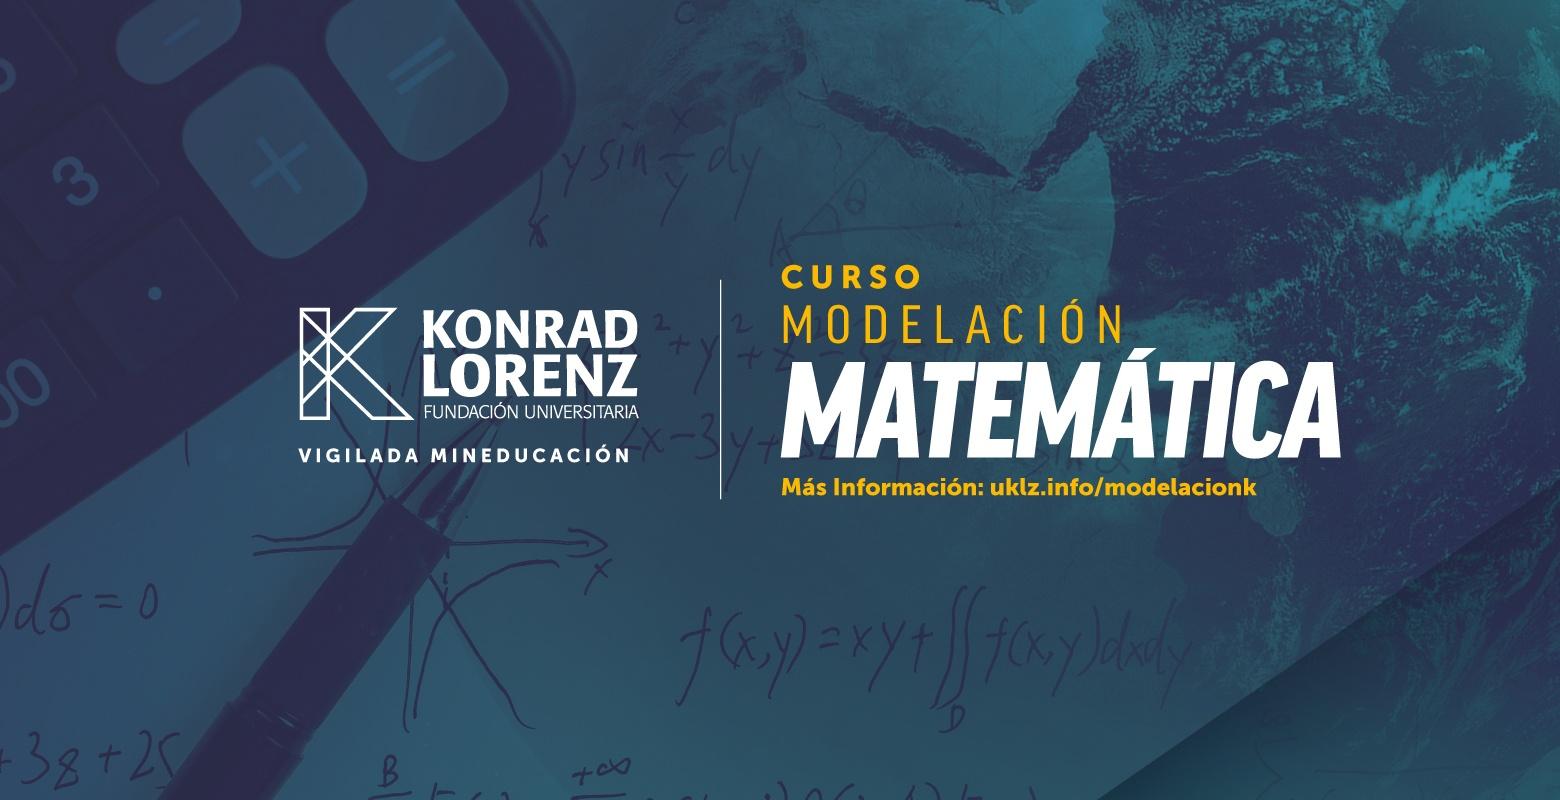 Curso de Modelación Matemática